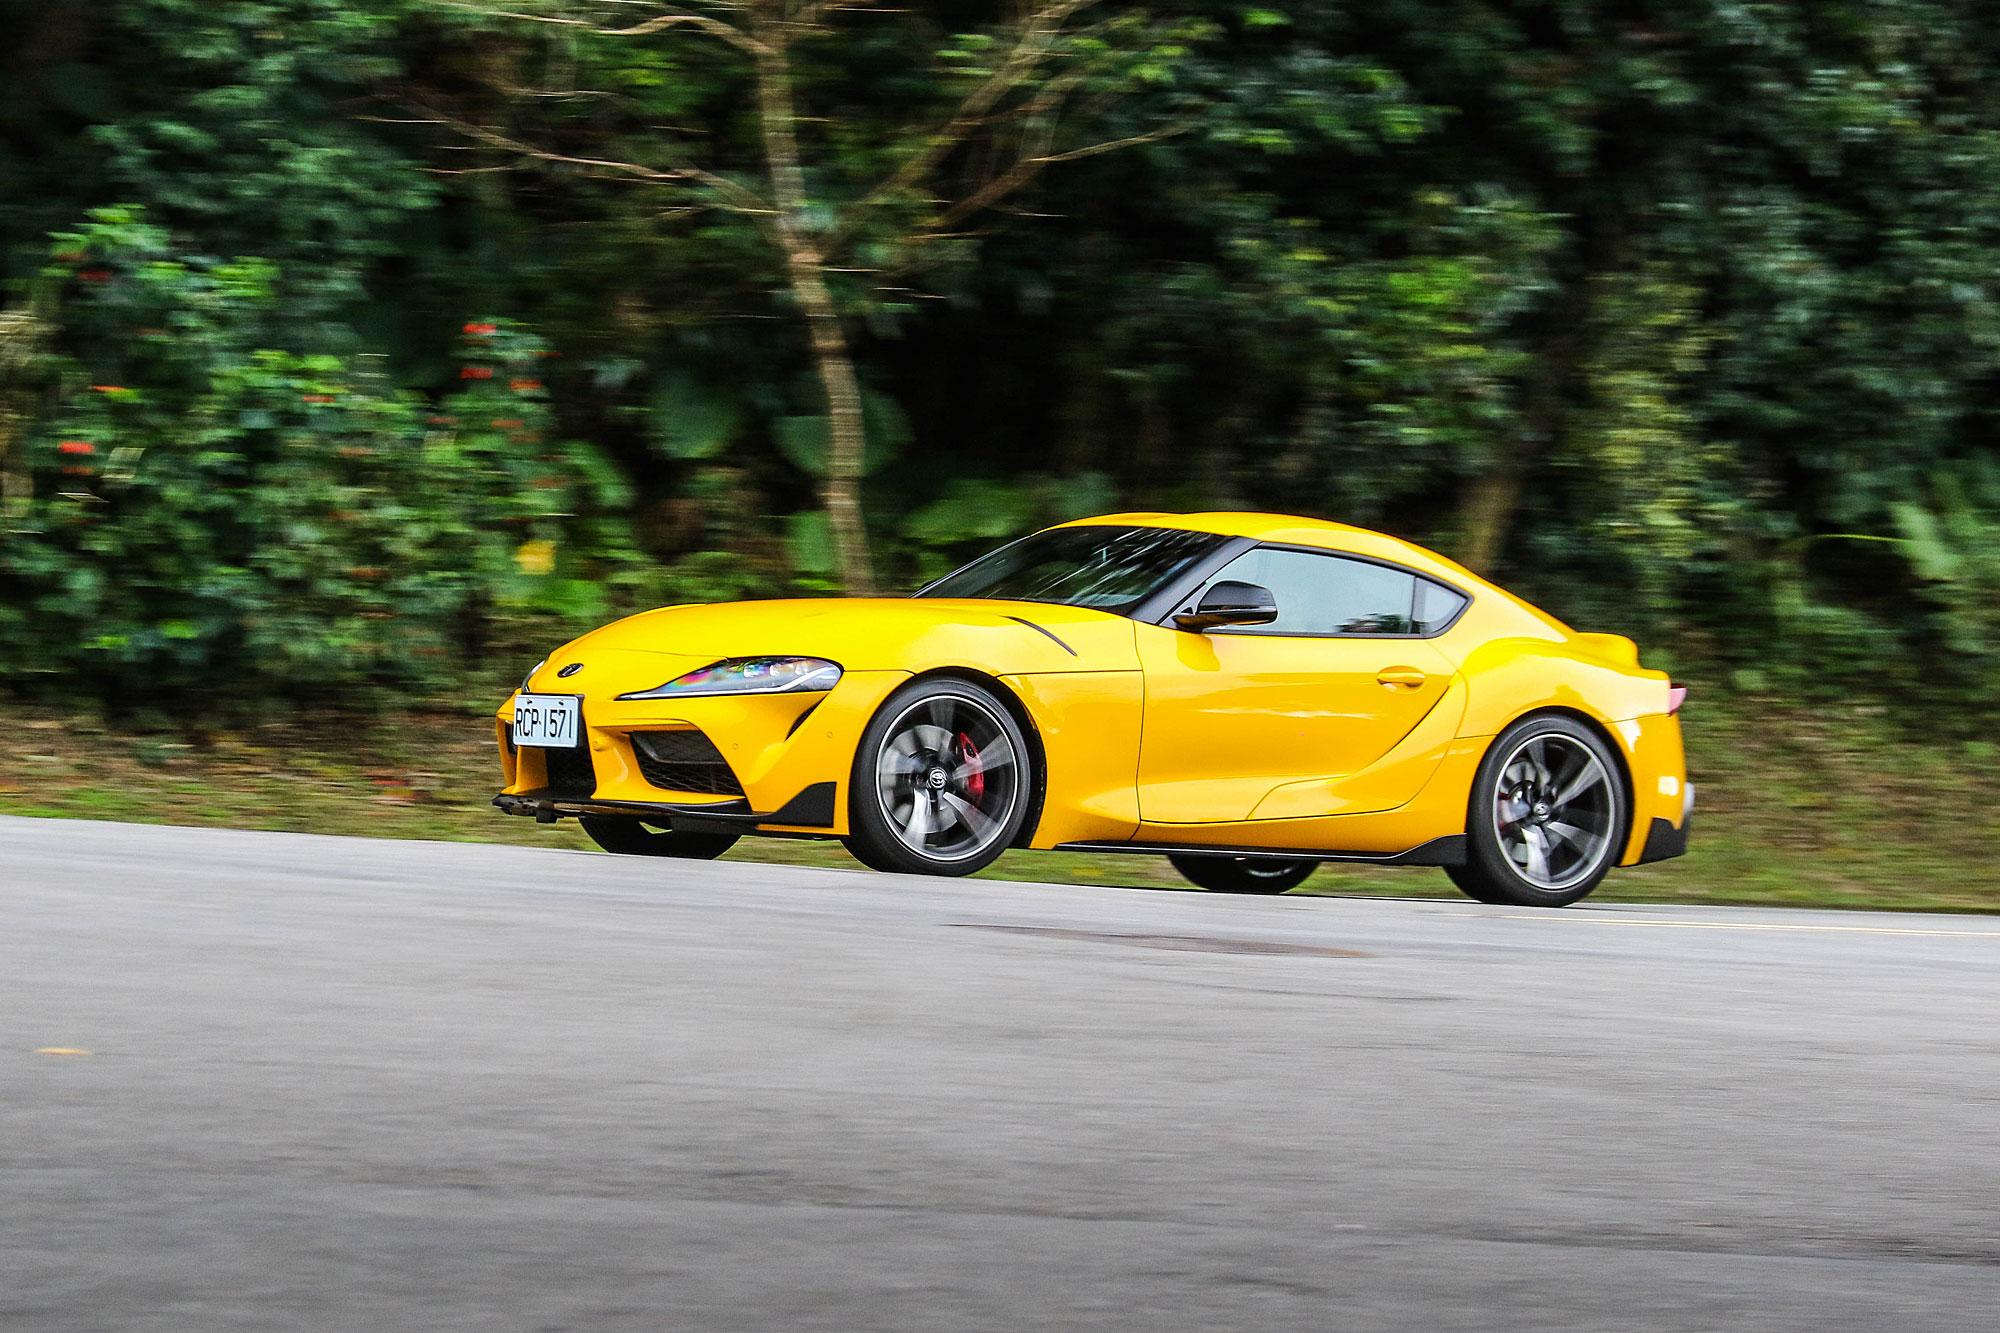 比起一般日常用車, GR Supra 的路感清晰、跑格濃烈。